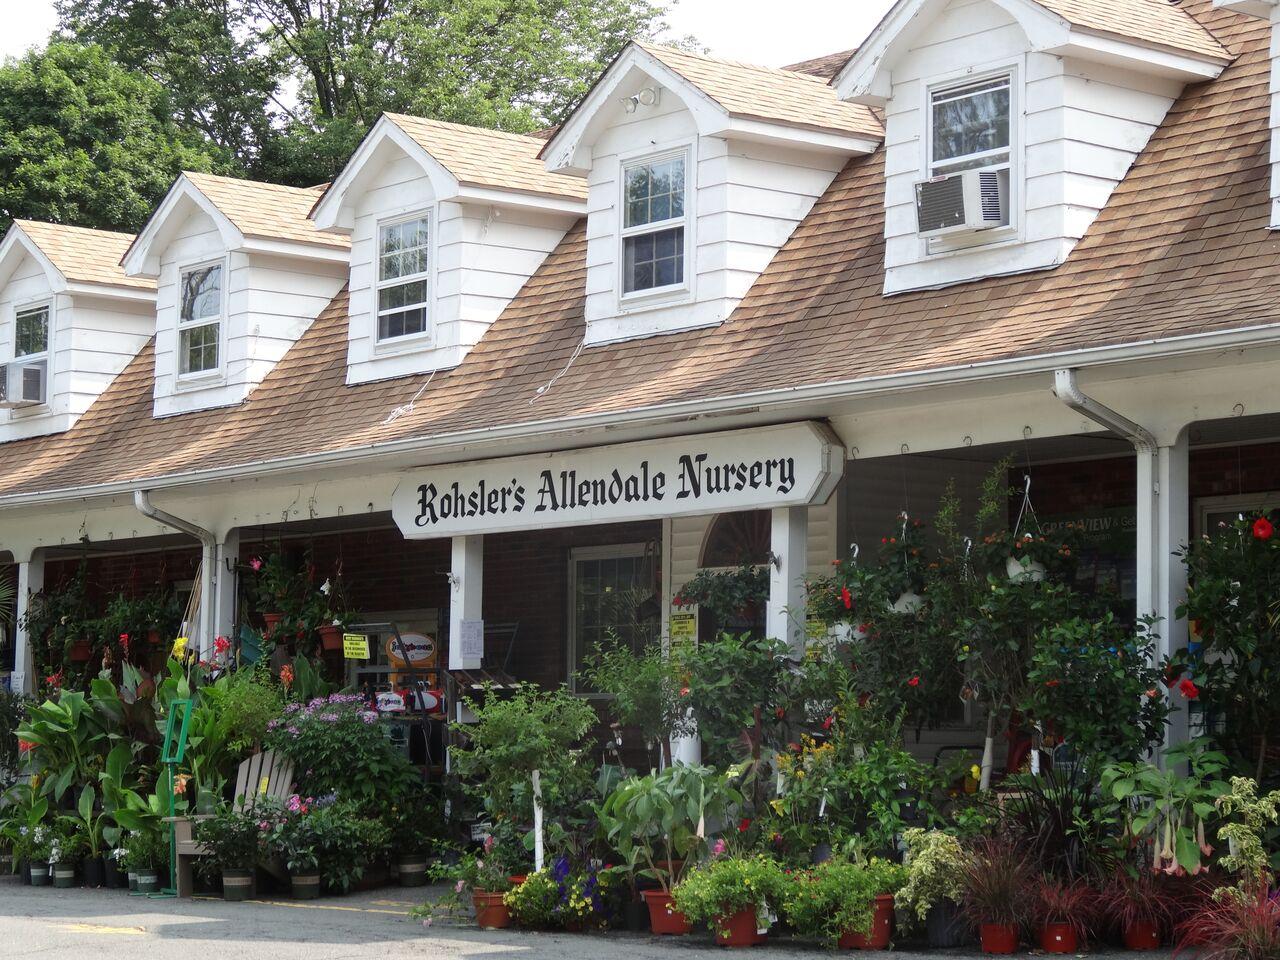 Rohsler's Allendale Nursery in Allendale, New Jersey